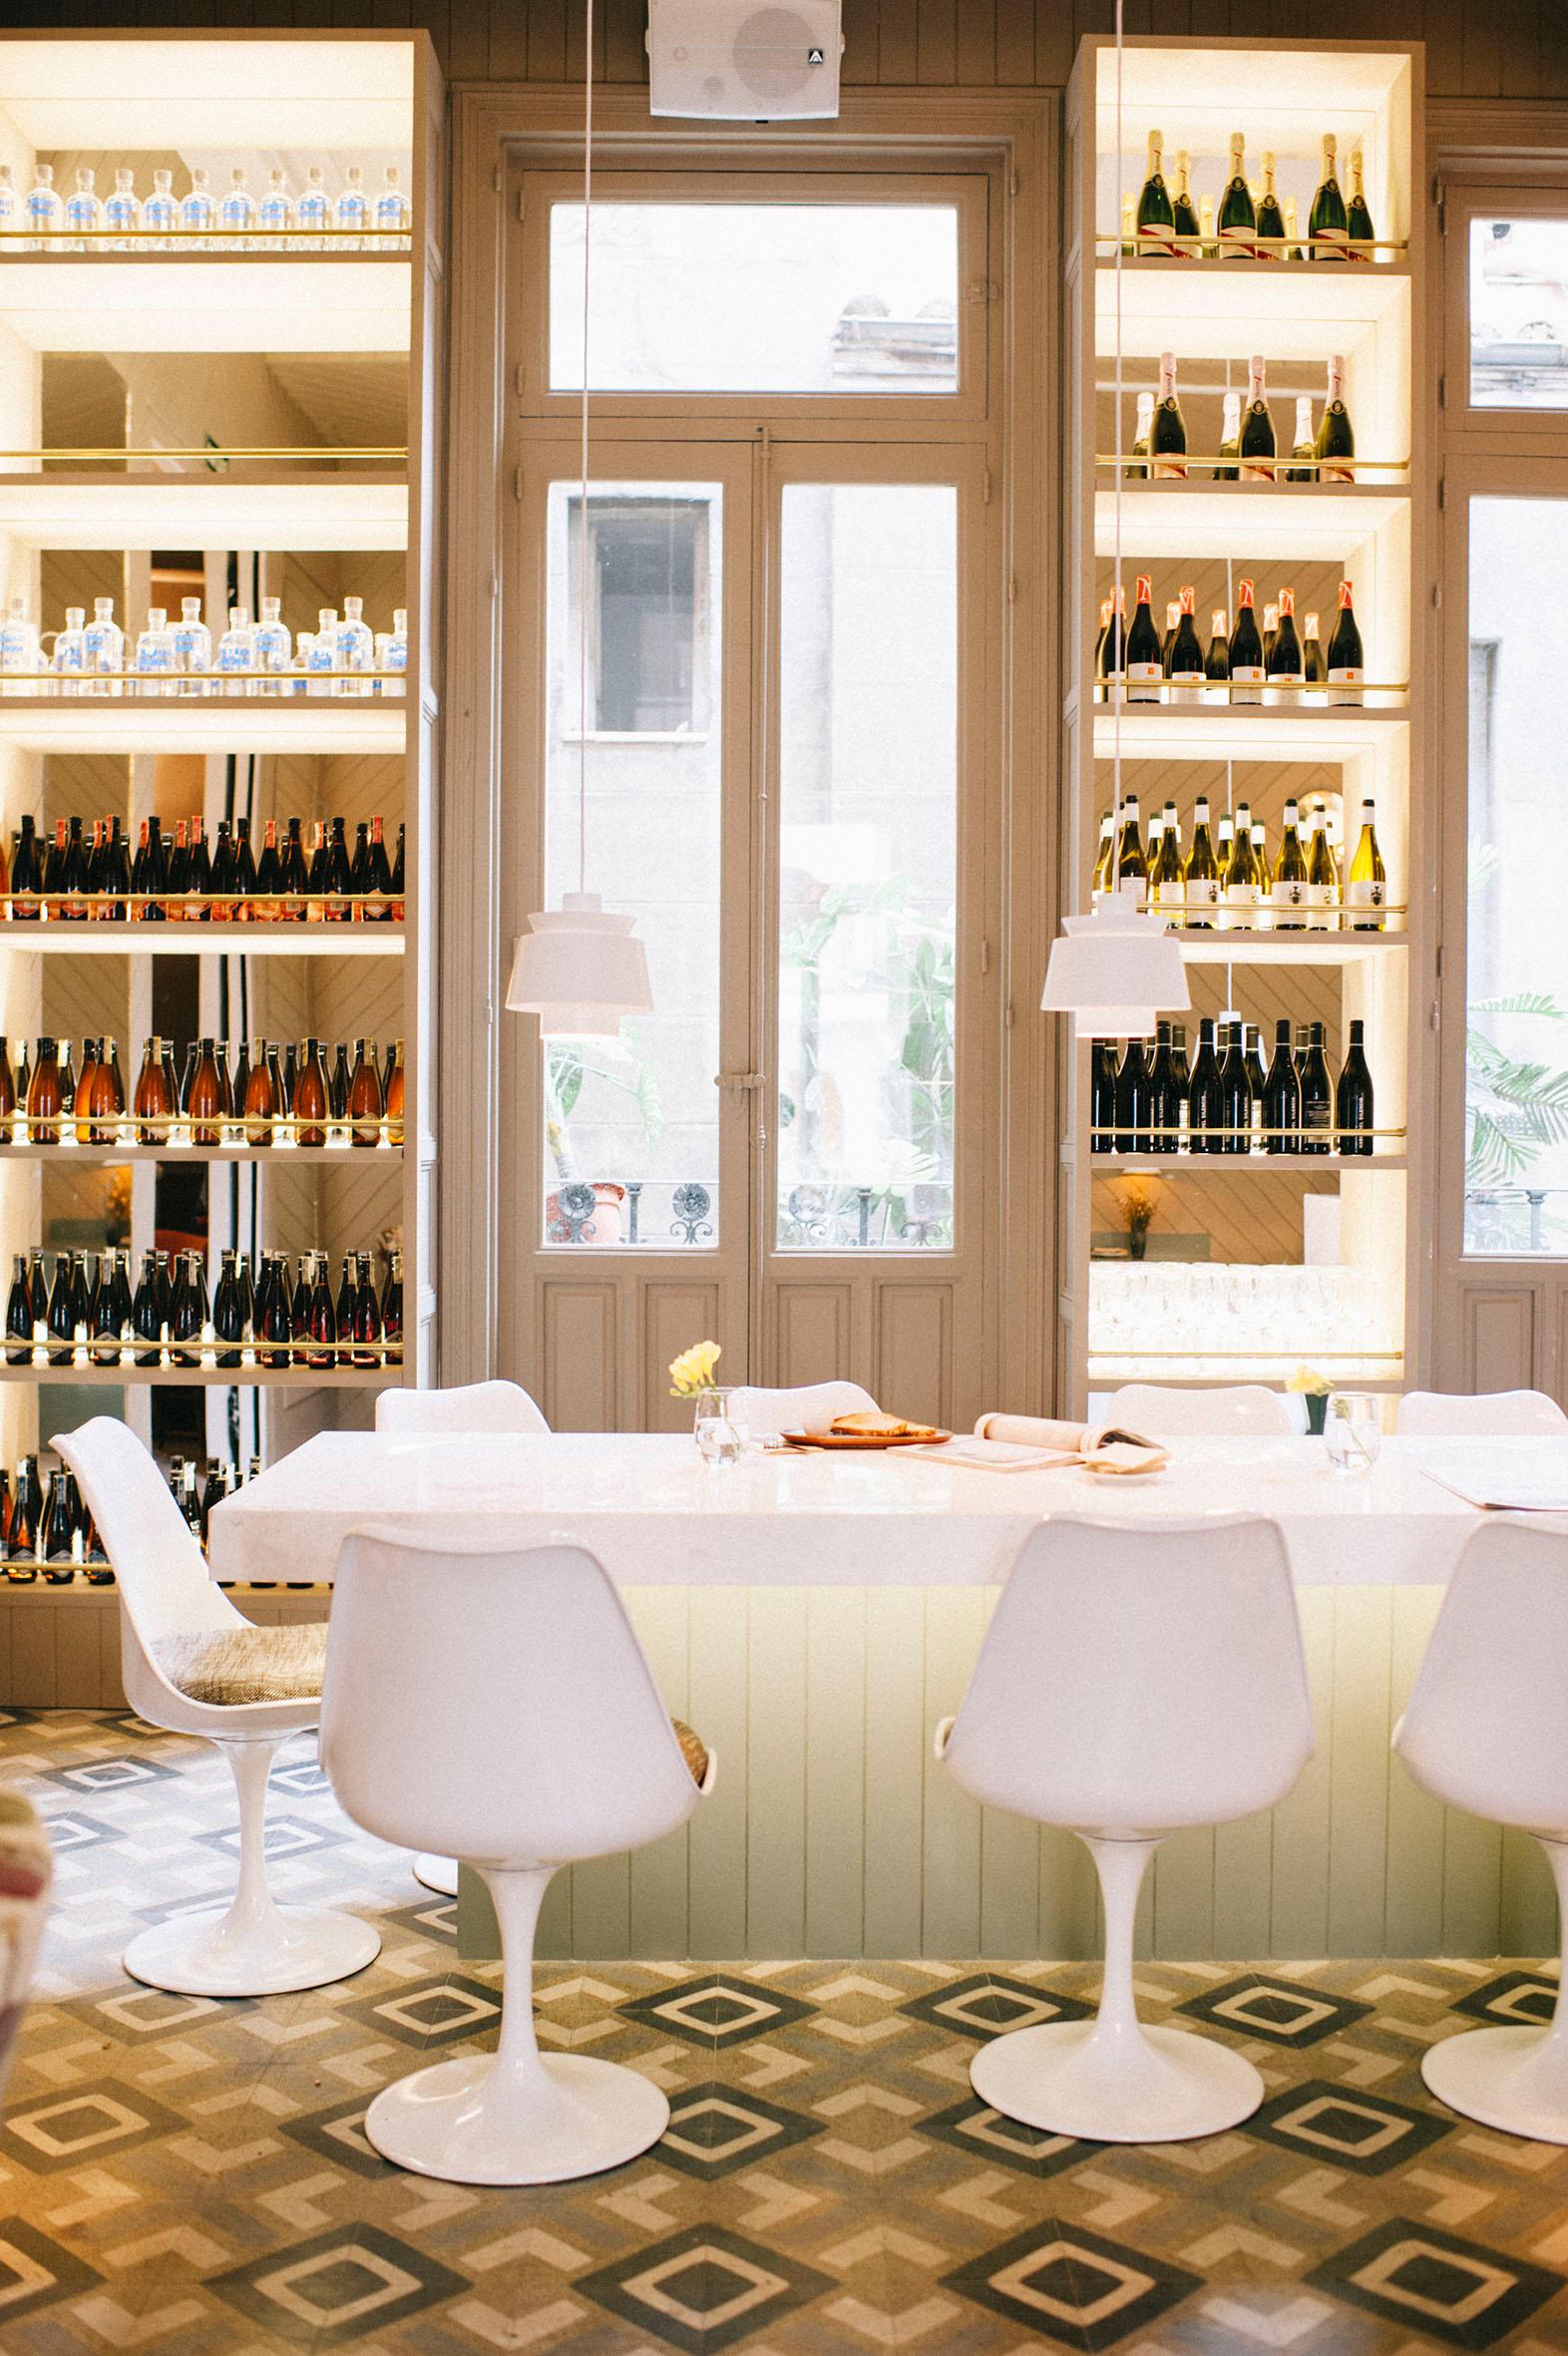 El Imparcial El Nuevo Restaurante Bar Concept Store De Madrid